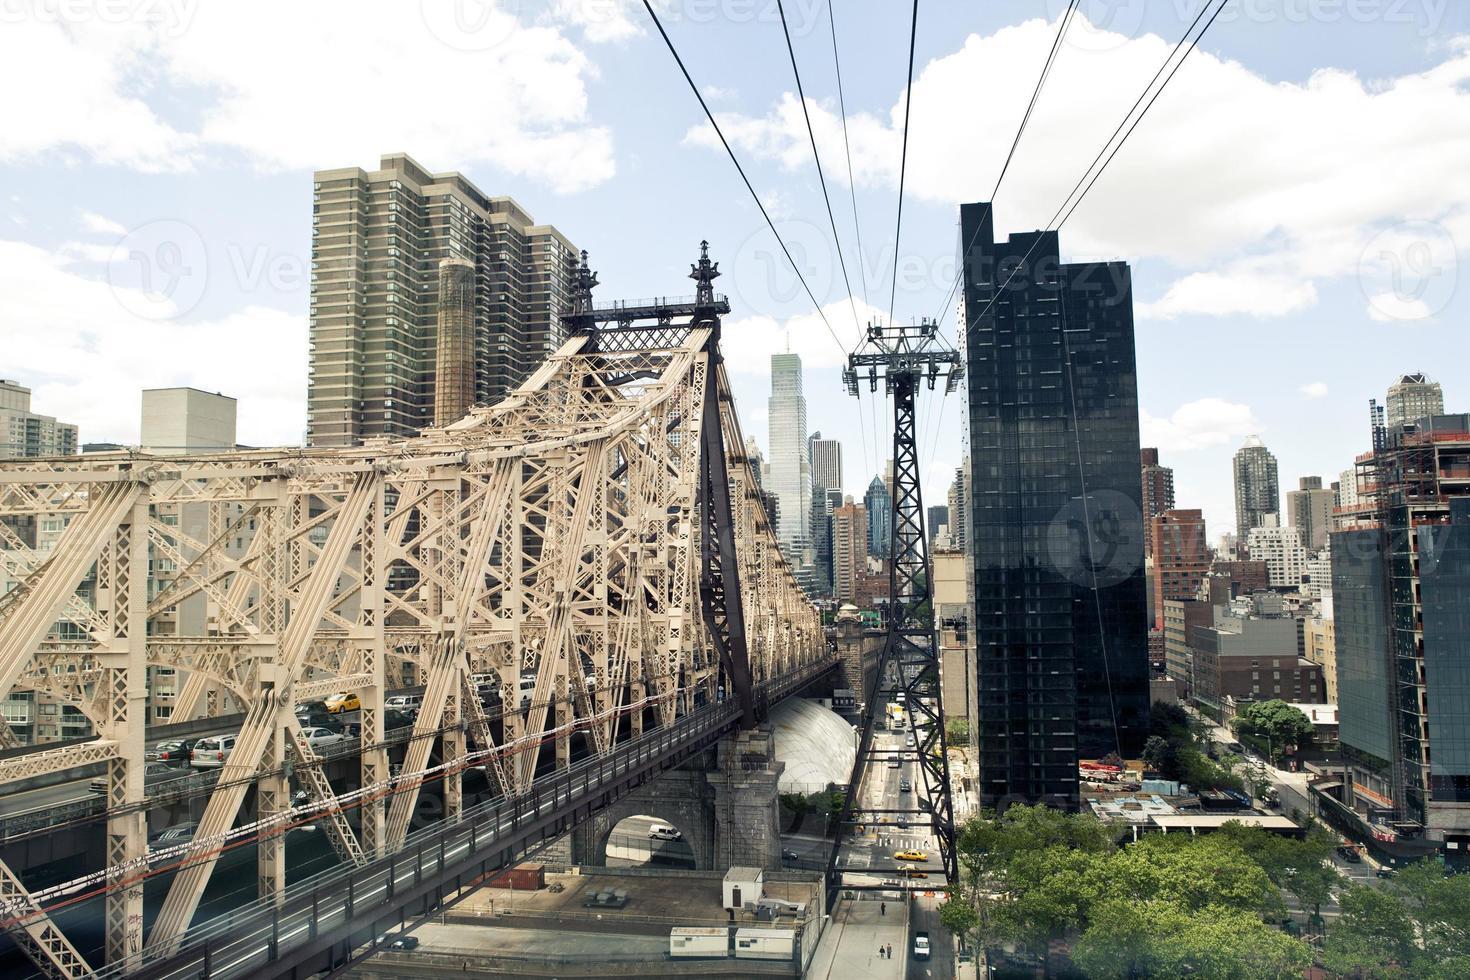 de tram van het roosevelteiland in New York. foto